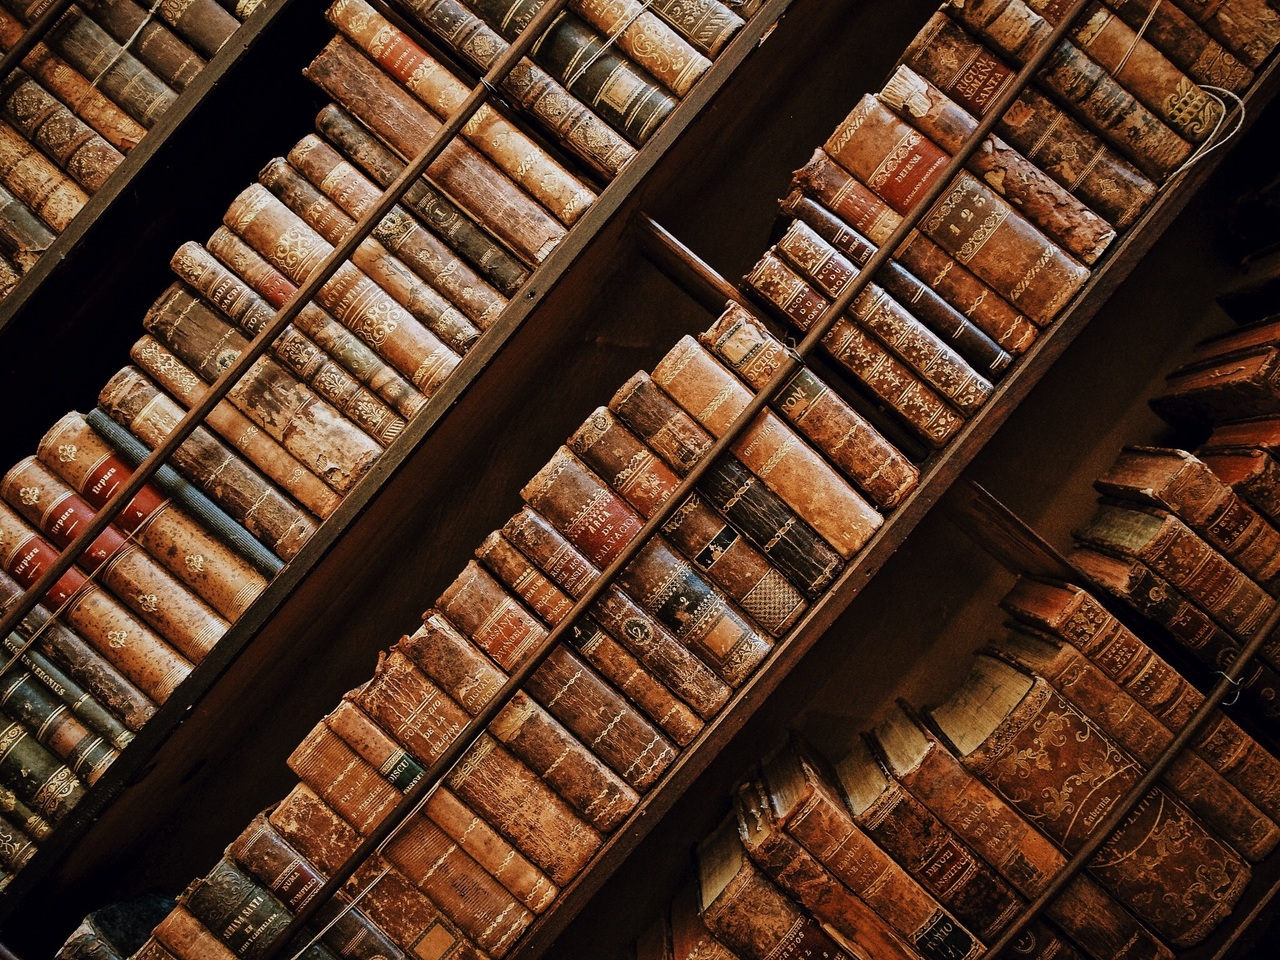 Libros antiguos, escritos y copiados con infinita paciencia y cuidado.